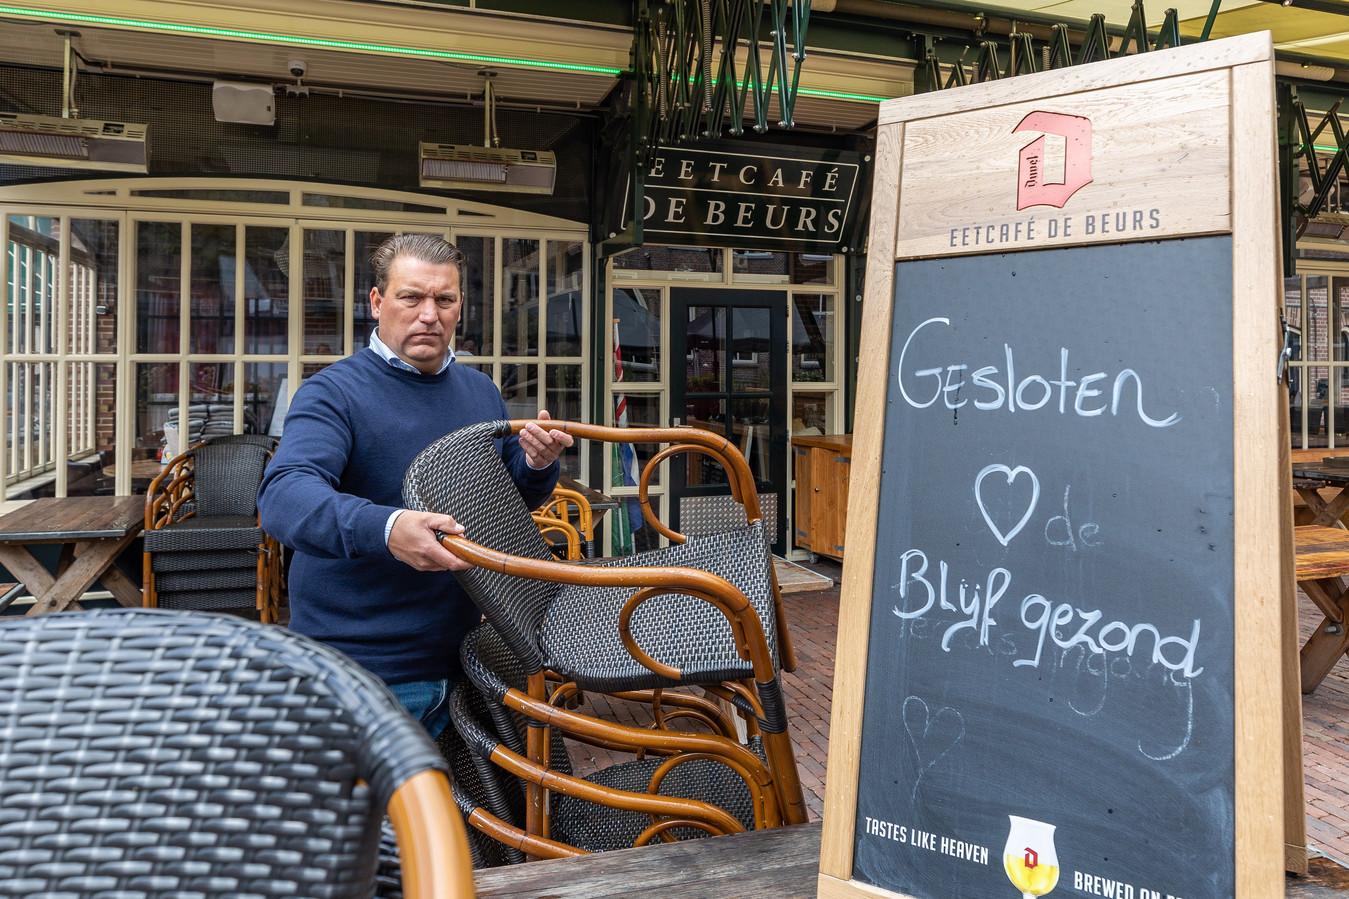 Het terras van eetcafé De Beurs in Meppel gaat na een week alweer dicht. Uitbater Eduard Konijnenburg kreeg waarschuwingen van boa's en vindt het op deze manier niet te doen om open te blijven.